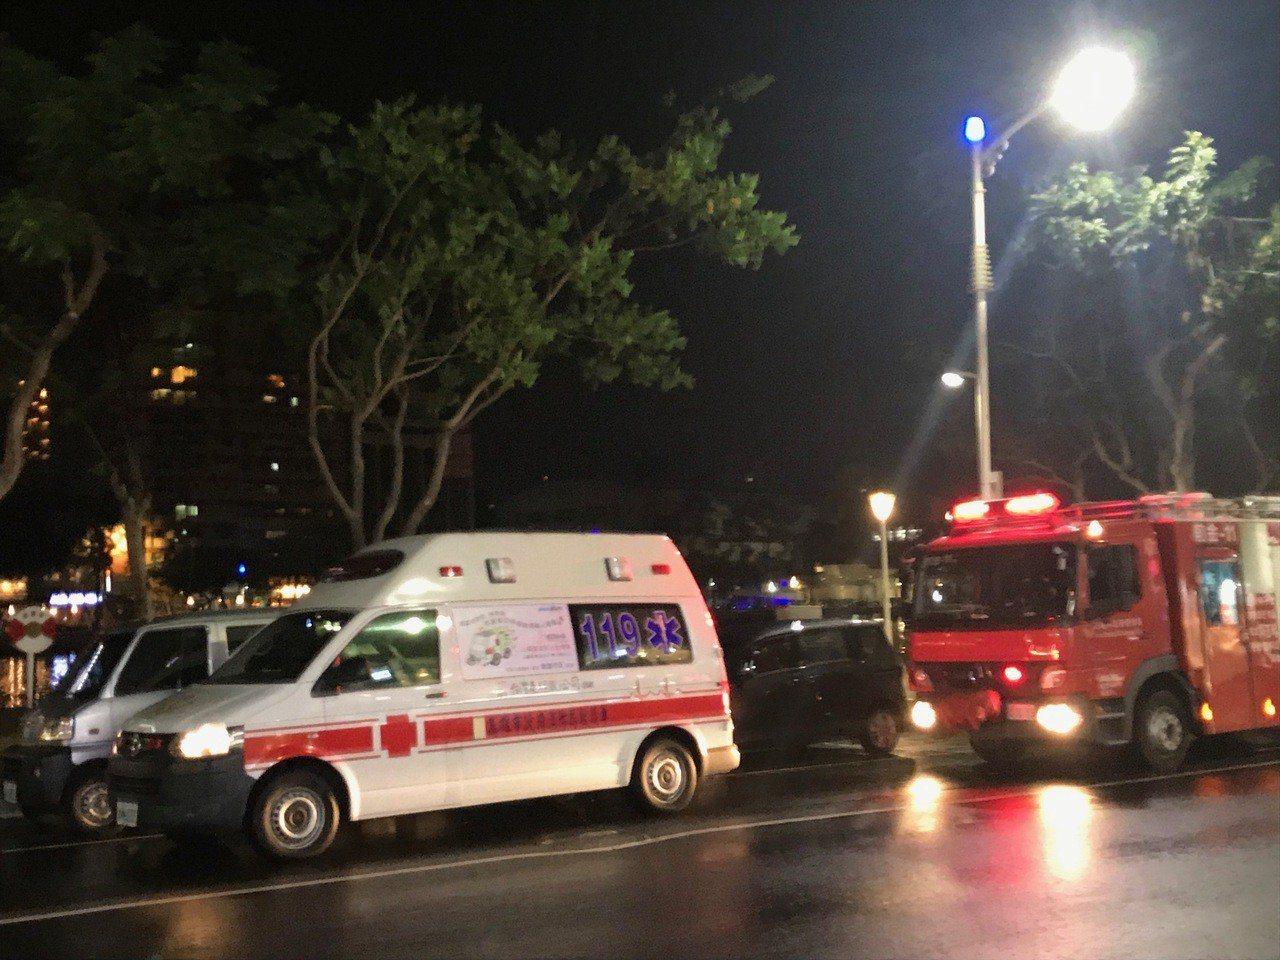 警消獲報疑似有2人落水,出動人車救援。記者林伯驊/攝影